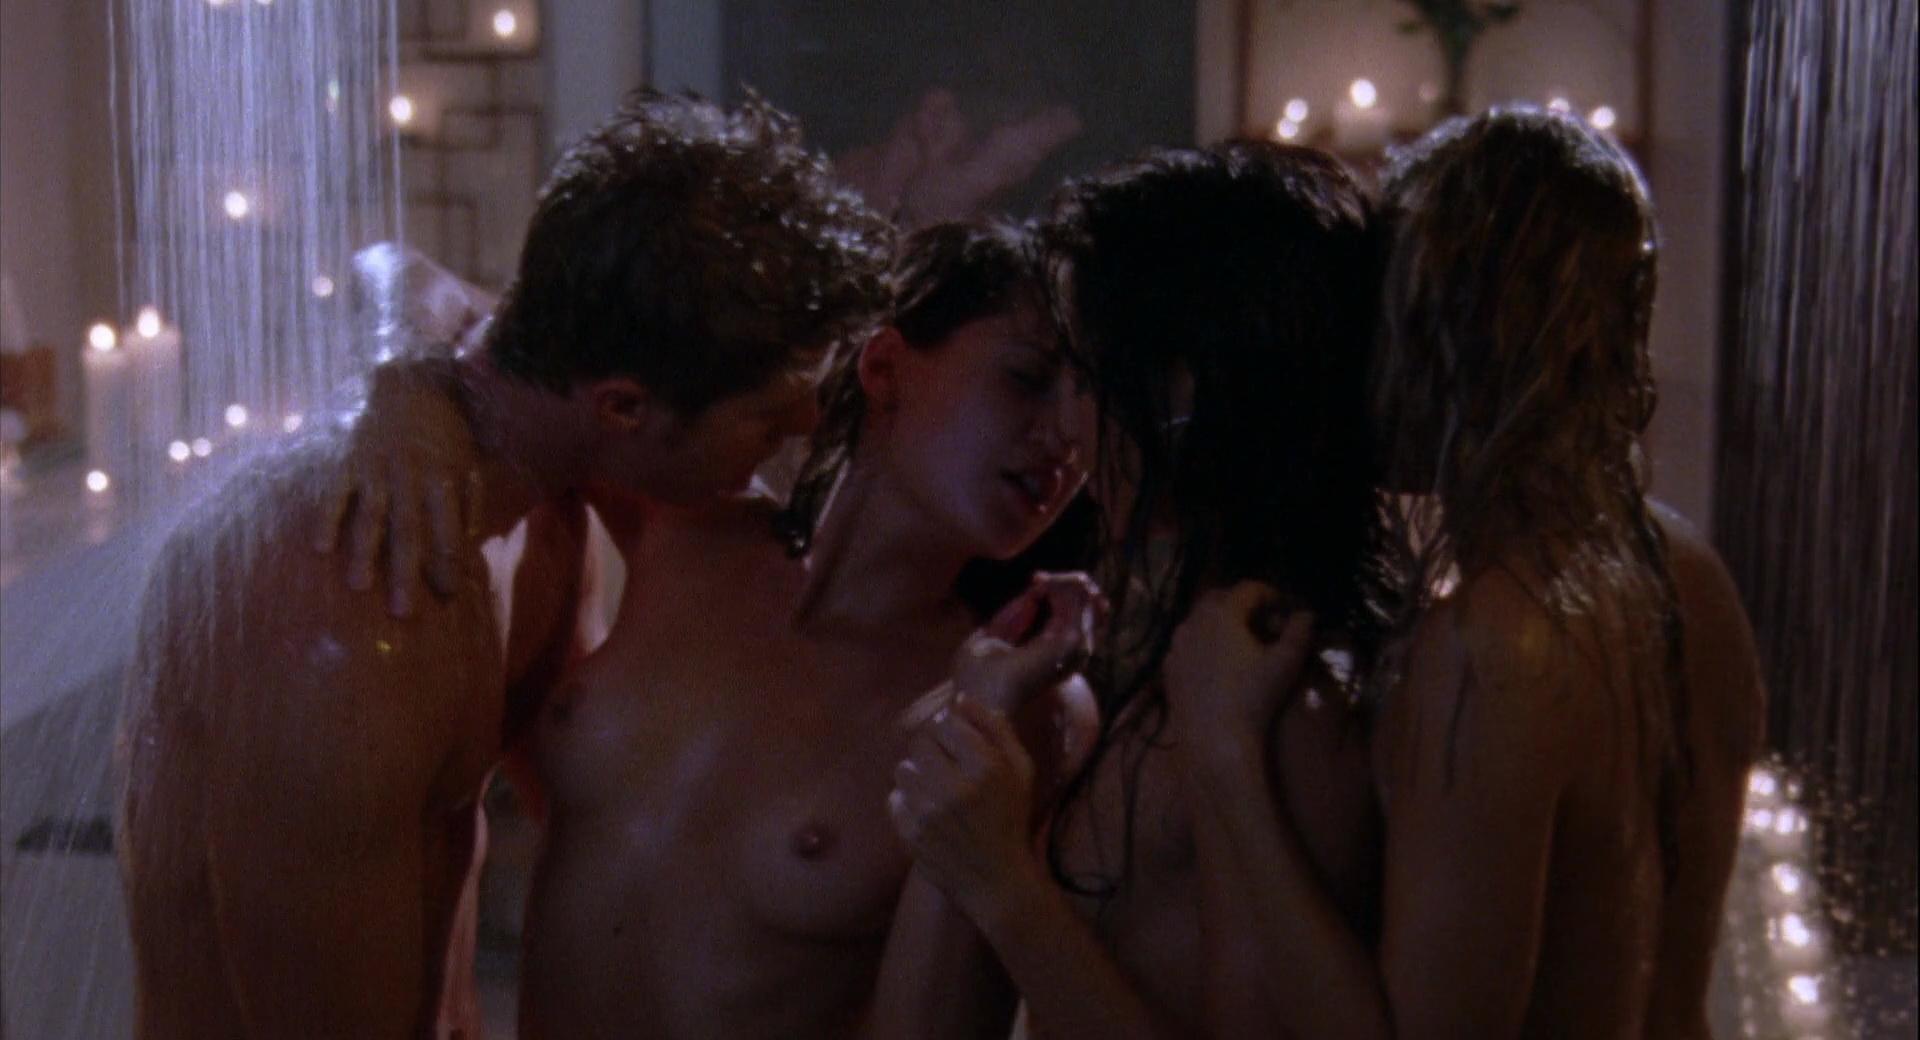 Wild things 3 nude scenes